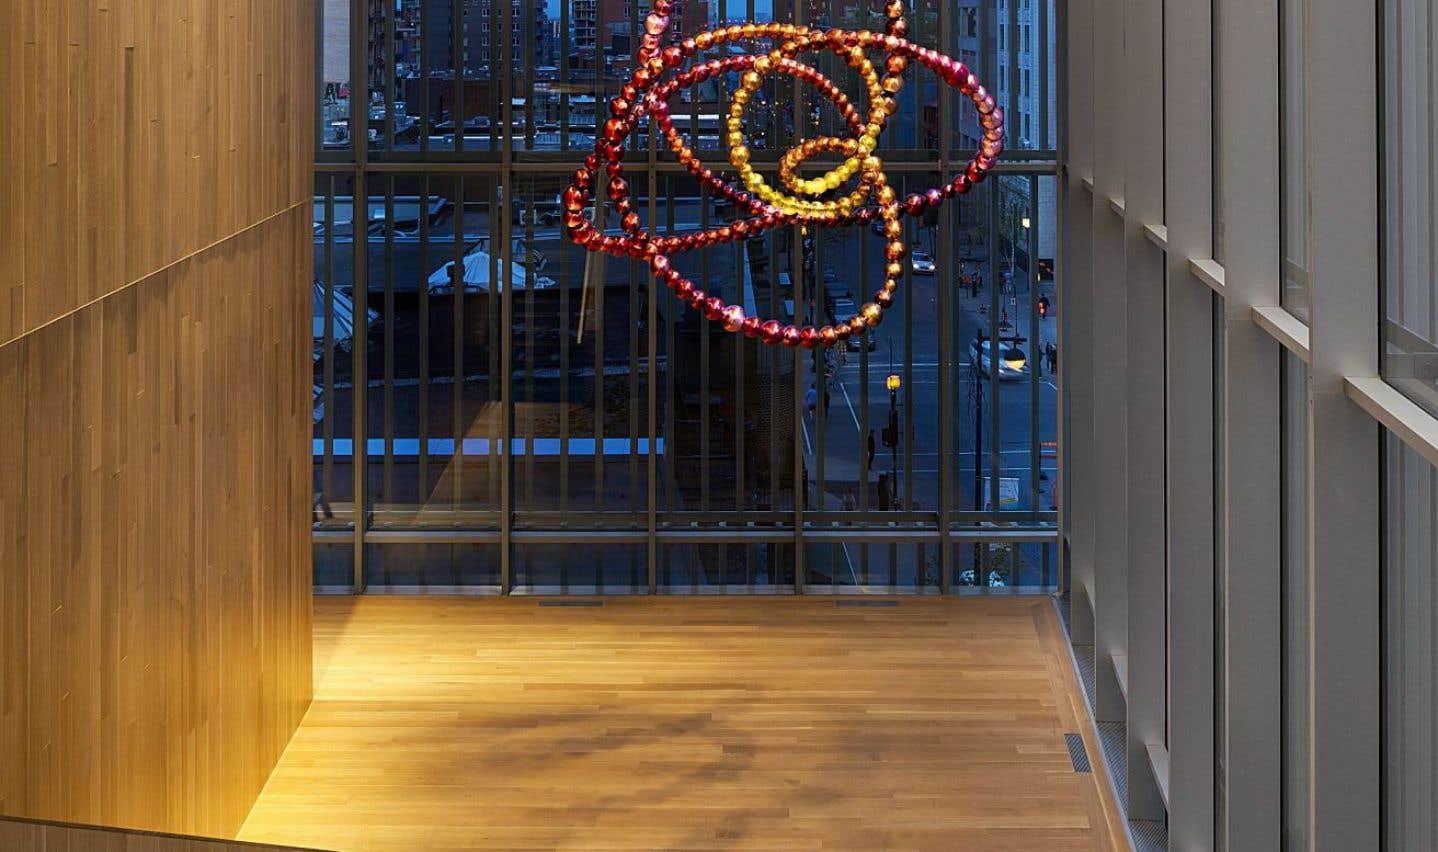 L'œuvre «Le Nœud Pivoine» (2015) de Jean-Michel Othoniel est installé au niveau 3 du nouveau Pavillon pour la Paix, d'art international et d'éducation Michal et Renata Hornstein.